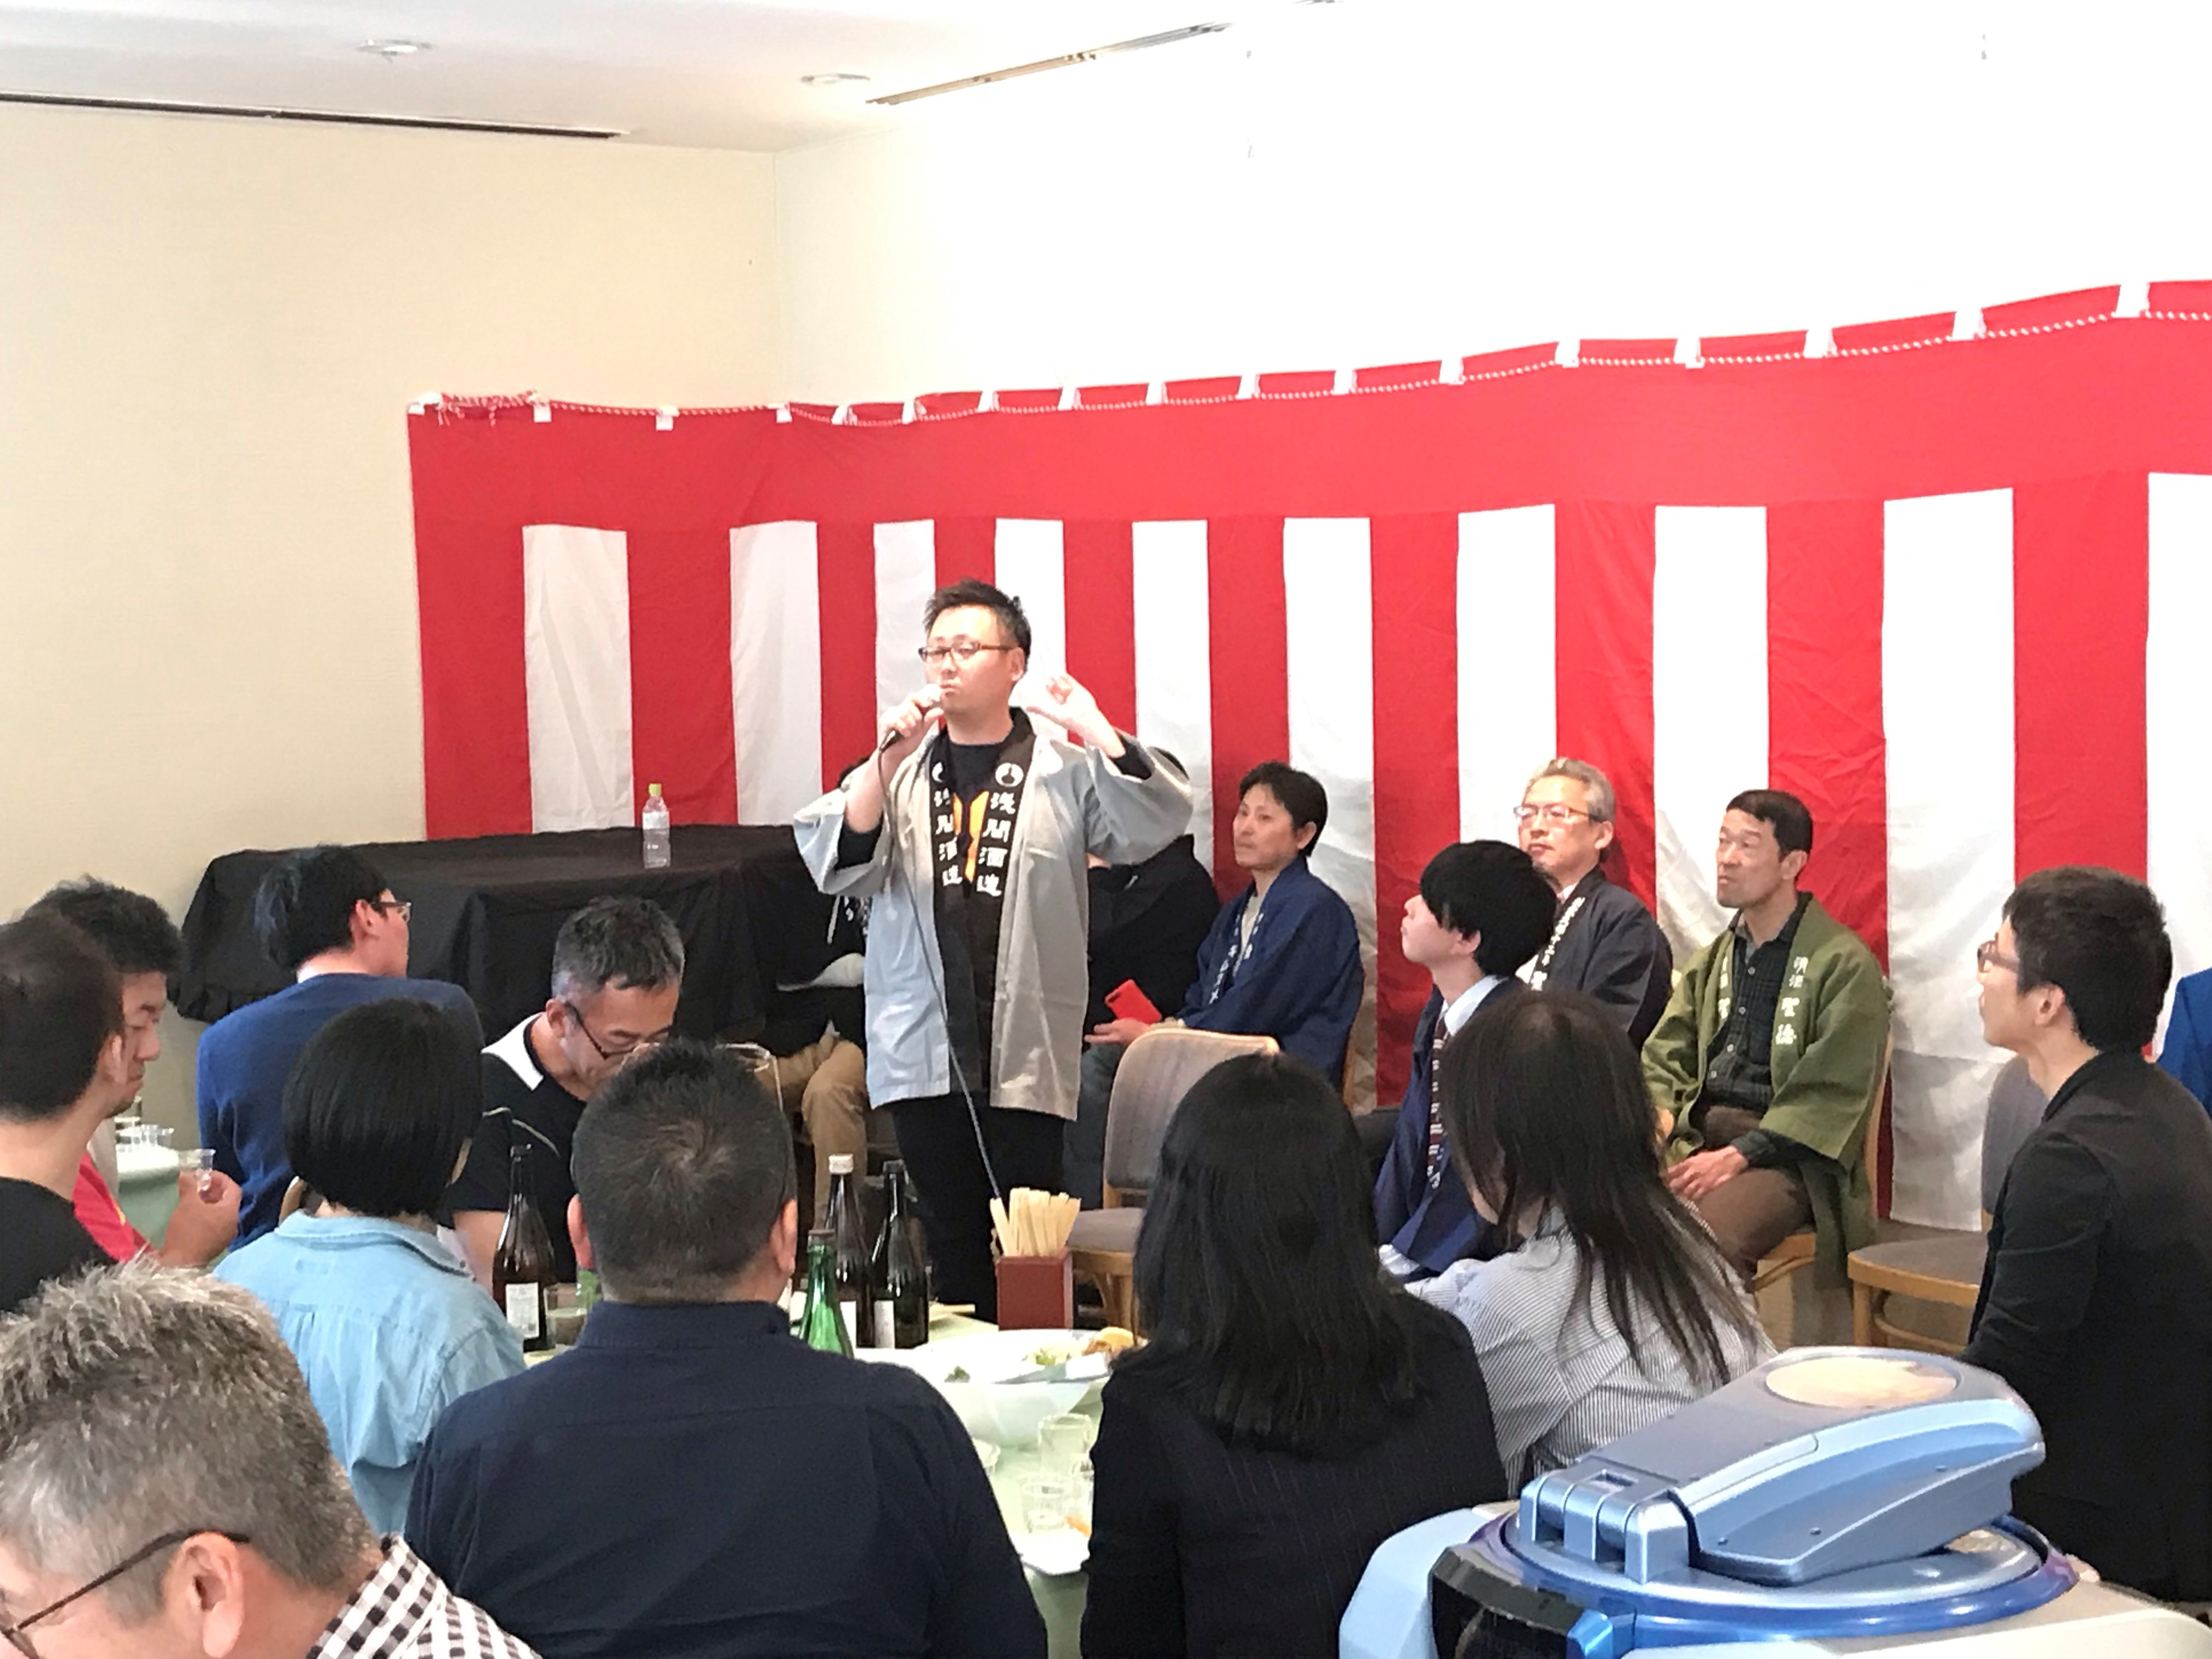 ■2020・第13回・群馬の蔵元新酒祭りプラン■ 4/11(土)限定特別企画